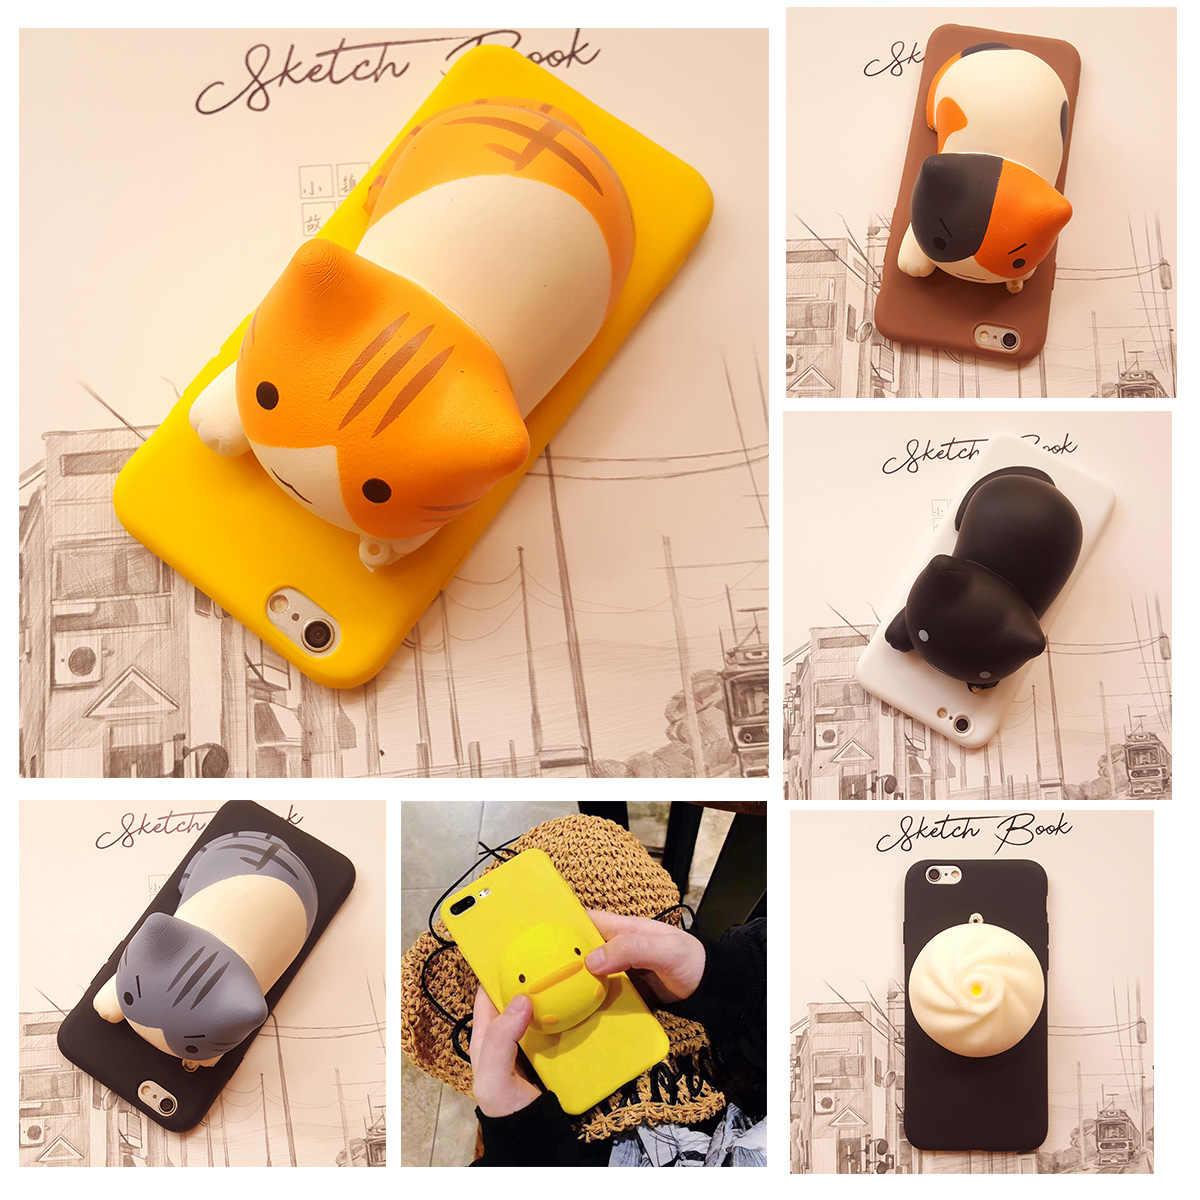 ثلاثية الأبعاد الكرتون الأصفر بطة حامل حافظة لهاتف آيفون 11 برو 6 6s 7 8 plus XR X XS ماكس الحيوان ضغط الإجهاد لينة غطاء الهاتف